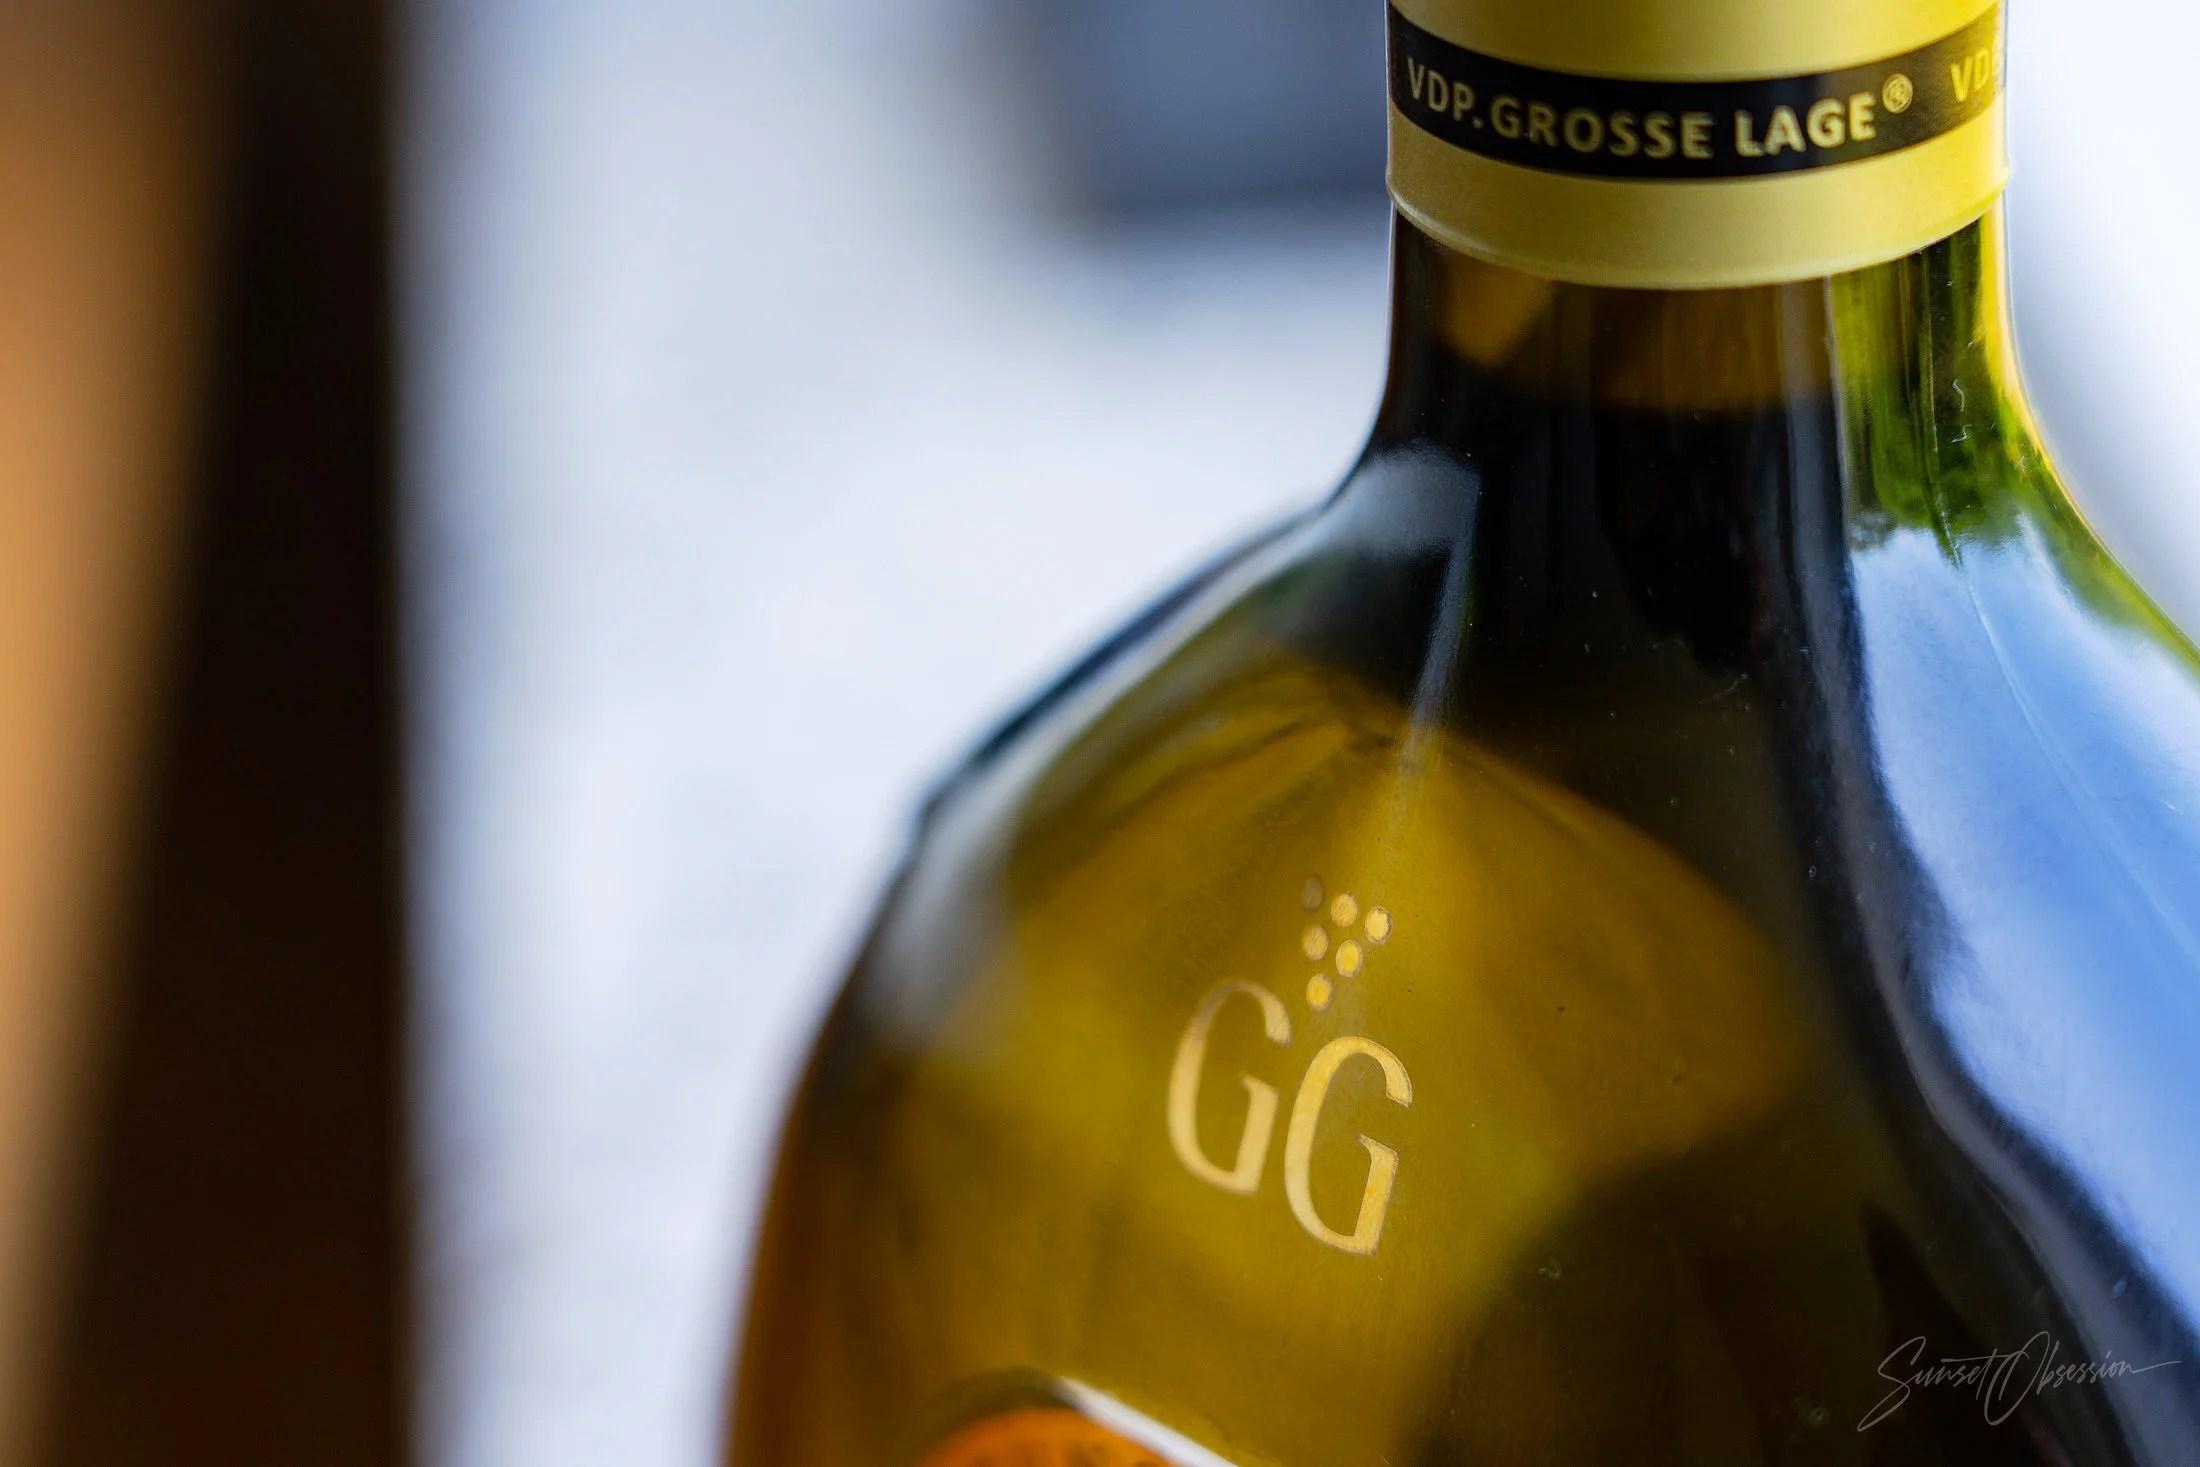 Сухое немецкое вино VDP Grose Lage дополнительно обозначается буквами GG